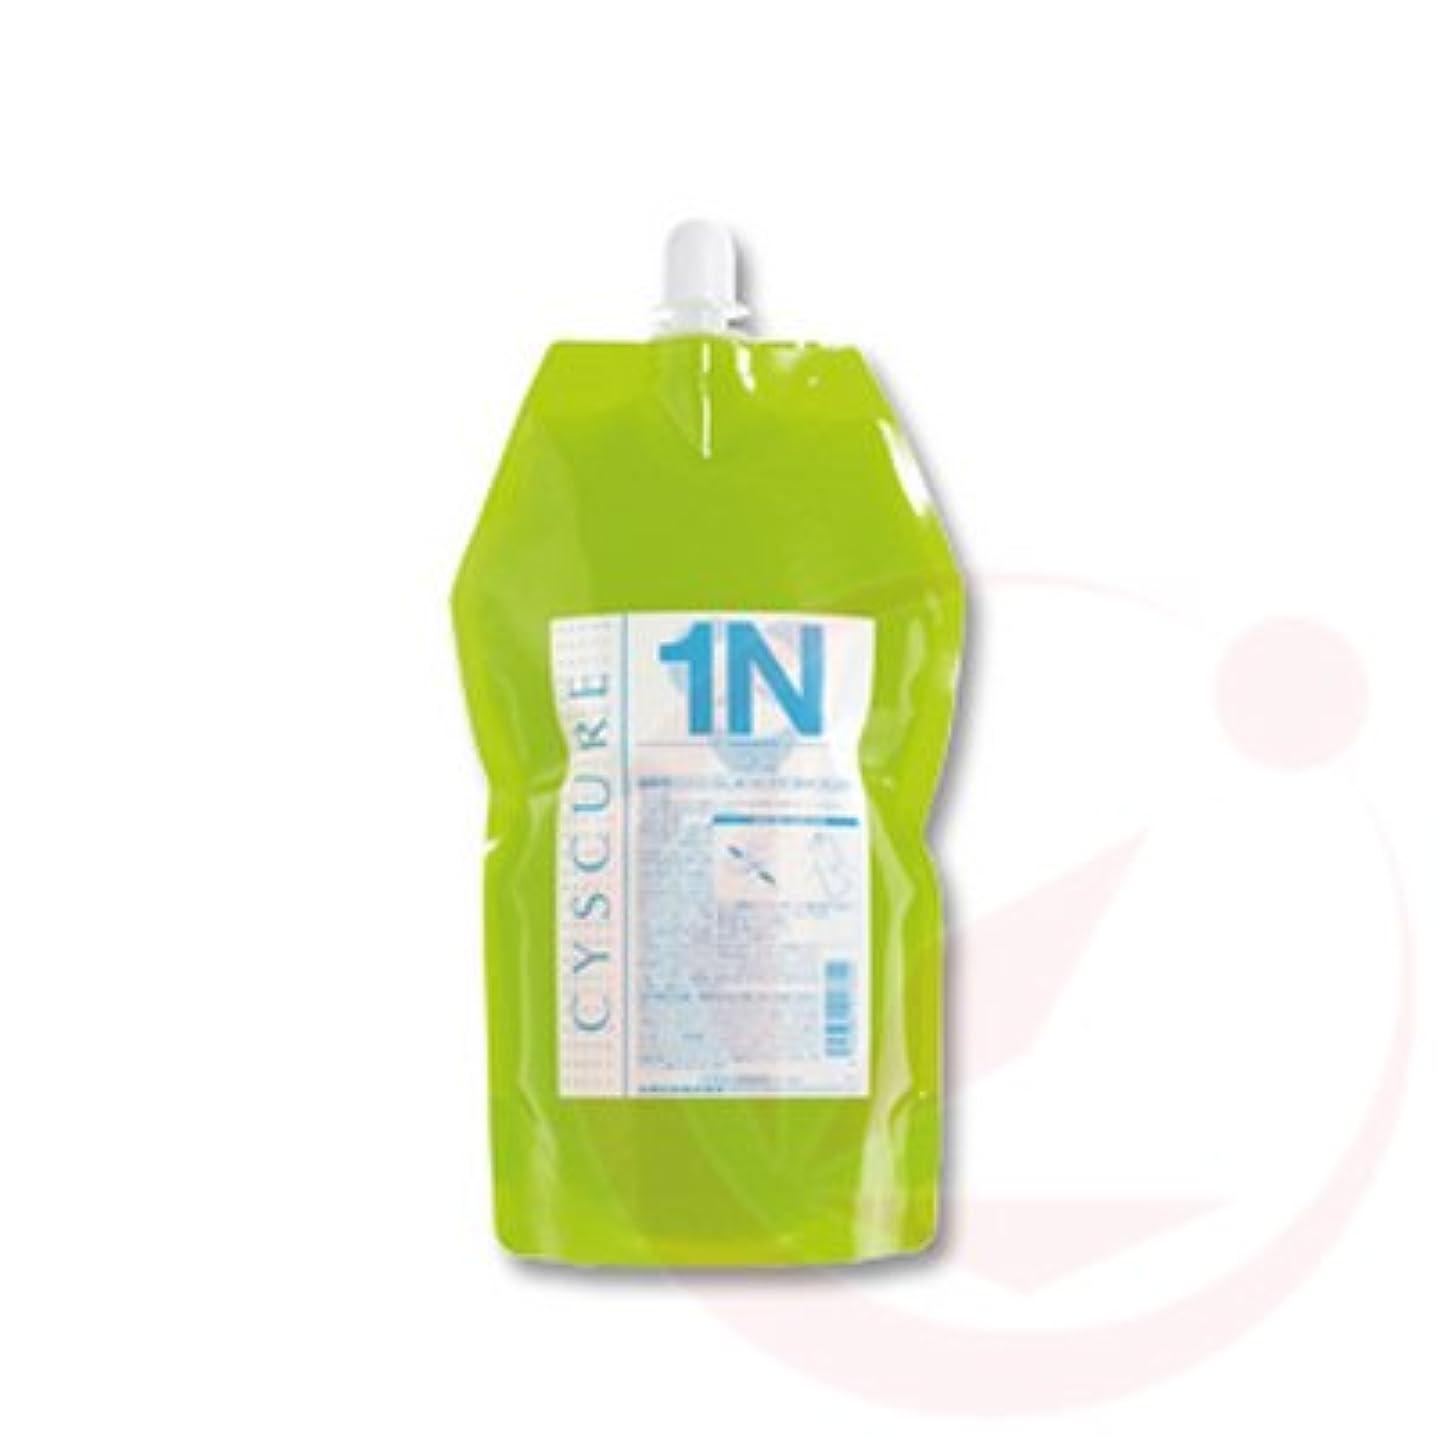 マナー拡大するコショウタマリス シスキュア1N 1000g (パーマ剤/1剤)